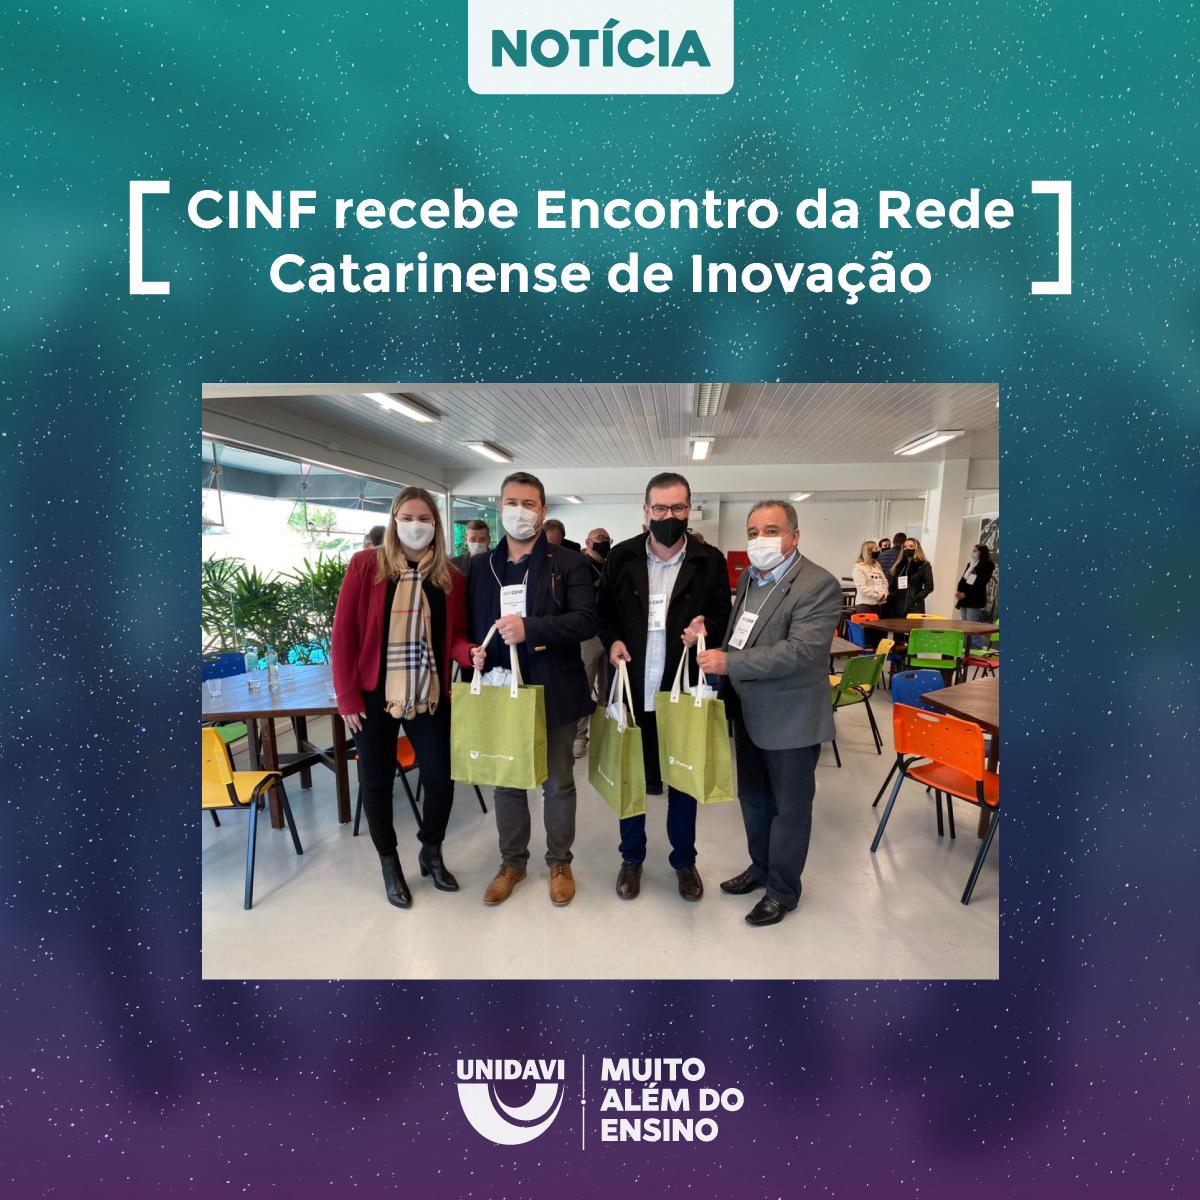 CINF recebe Encontro da Rede Catarinense de Centros de Inovação